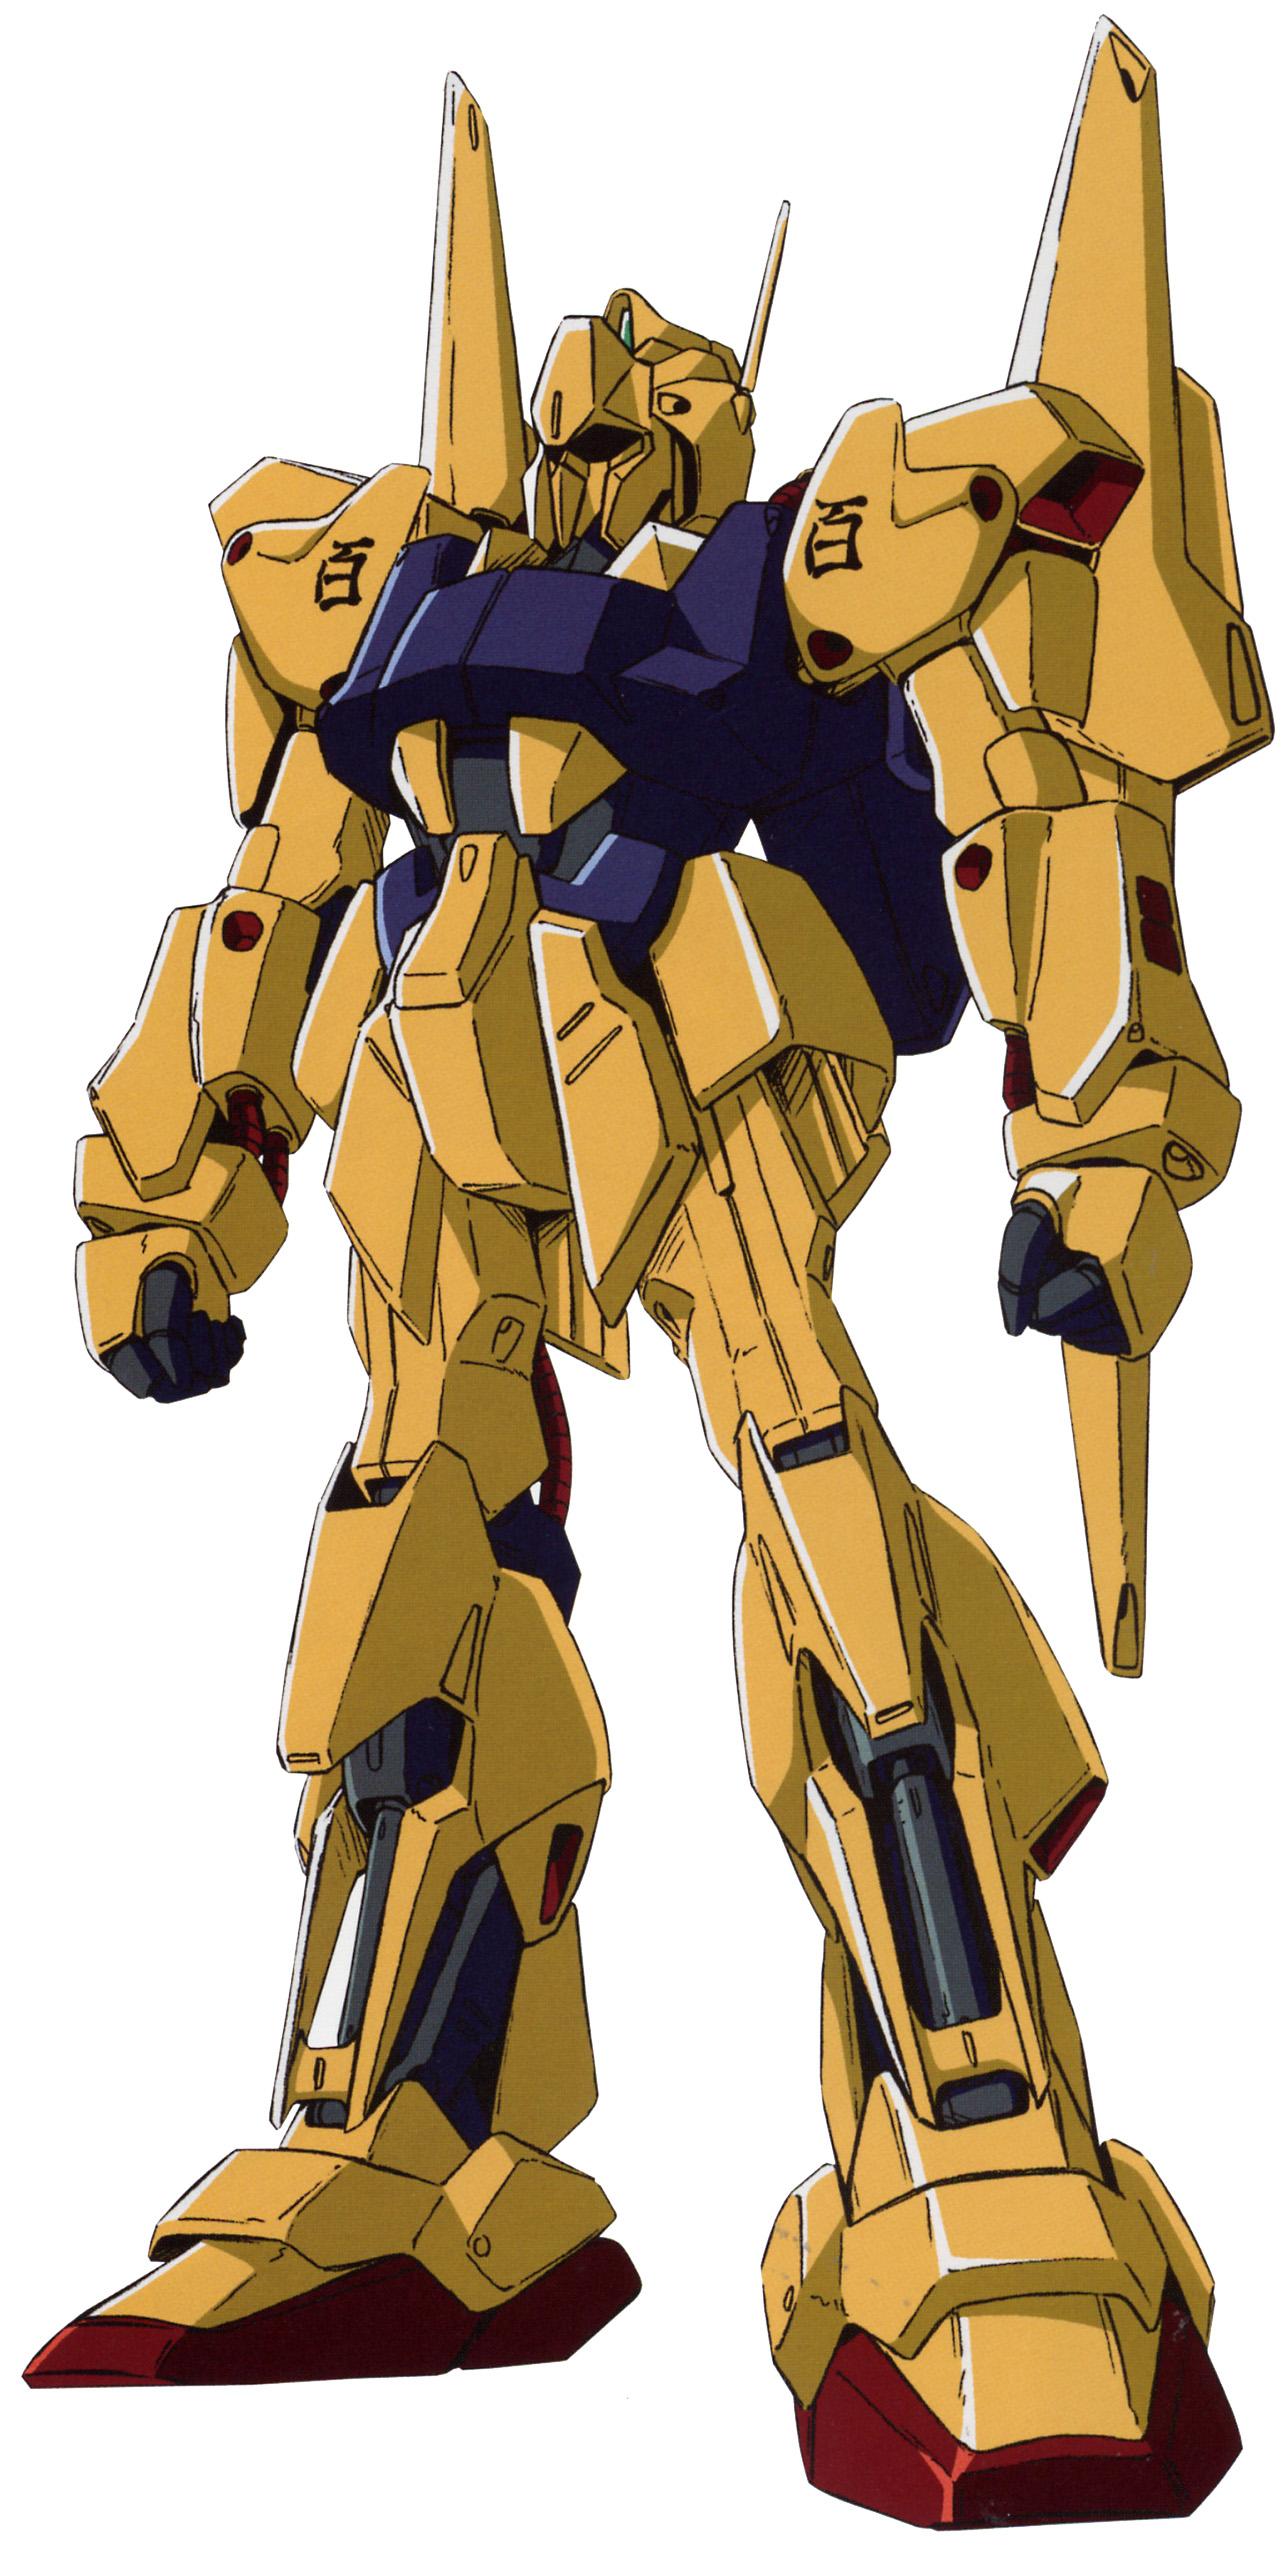 MSN-00100 Hyaku Shiki | The Gundam Wiki | FANDOM powered by Wikia